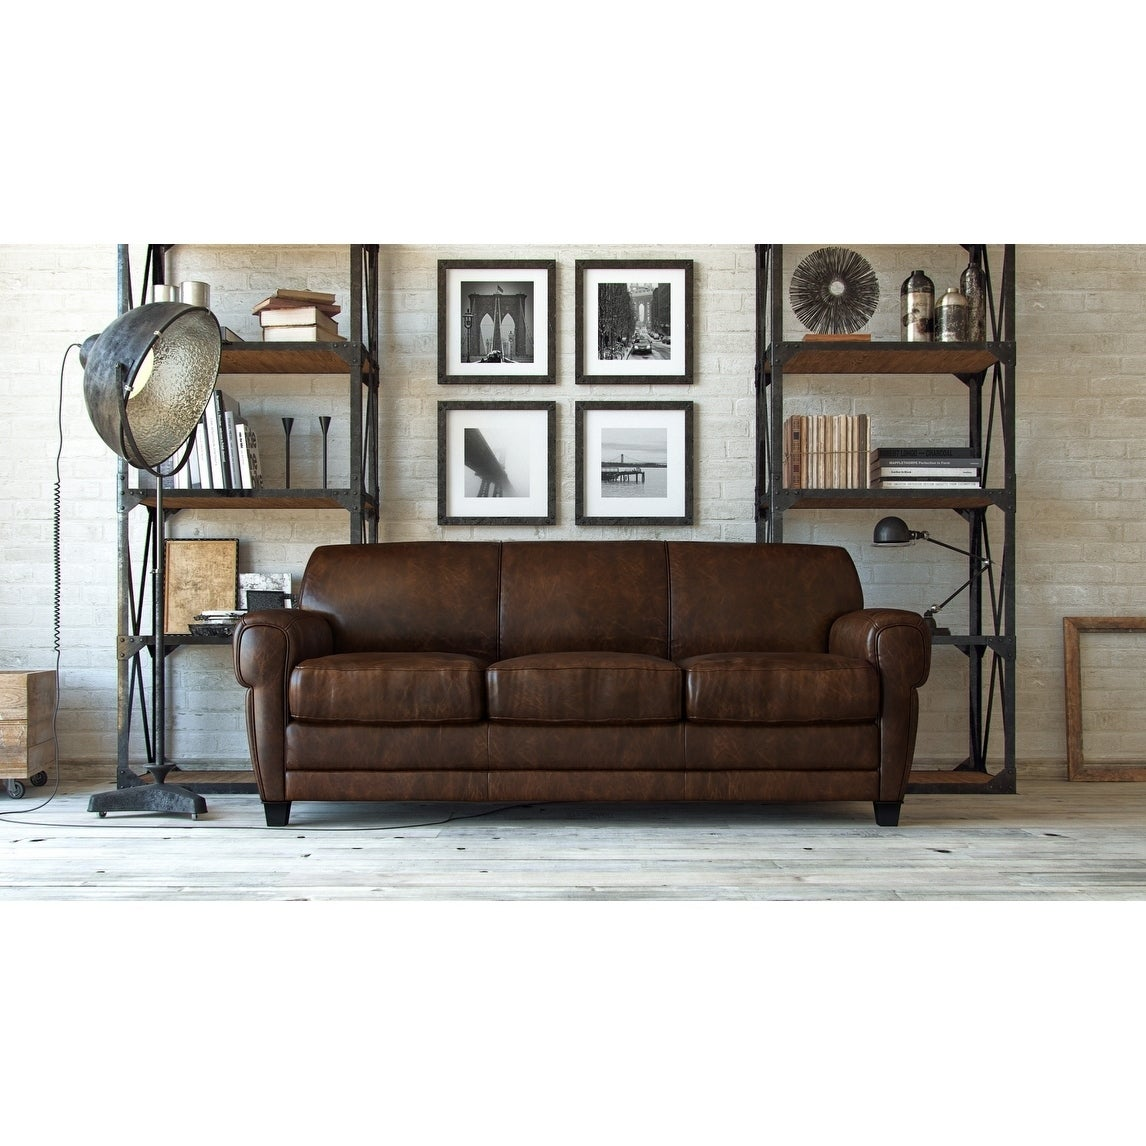 Full Top Grain Leather Sofa Furniture Compare Prices At Nextag ~ Full Top Grain Leather Sofa